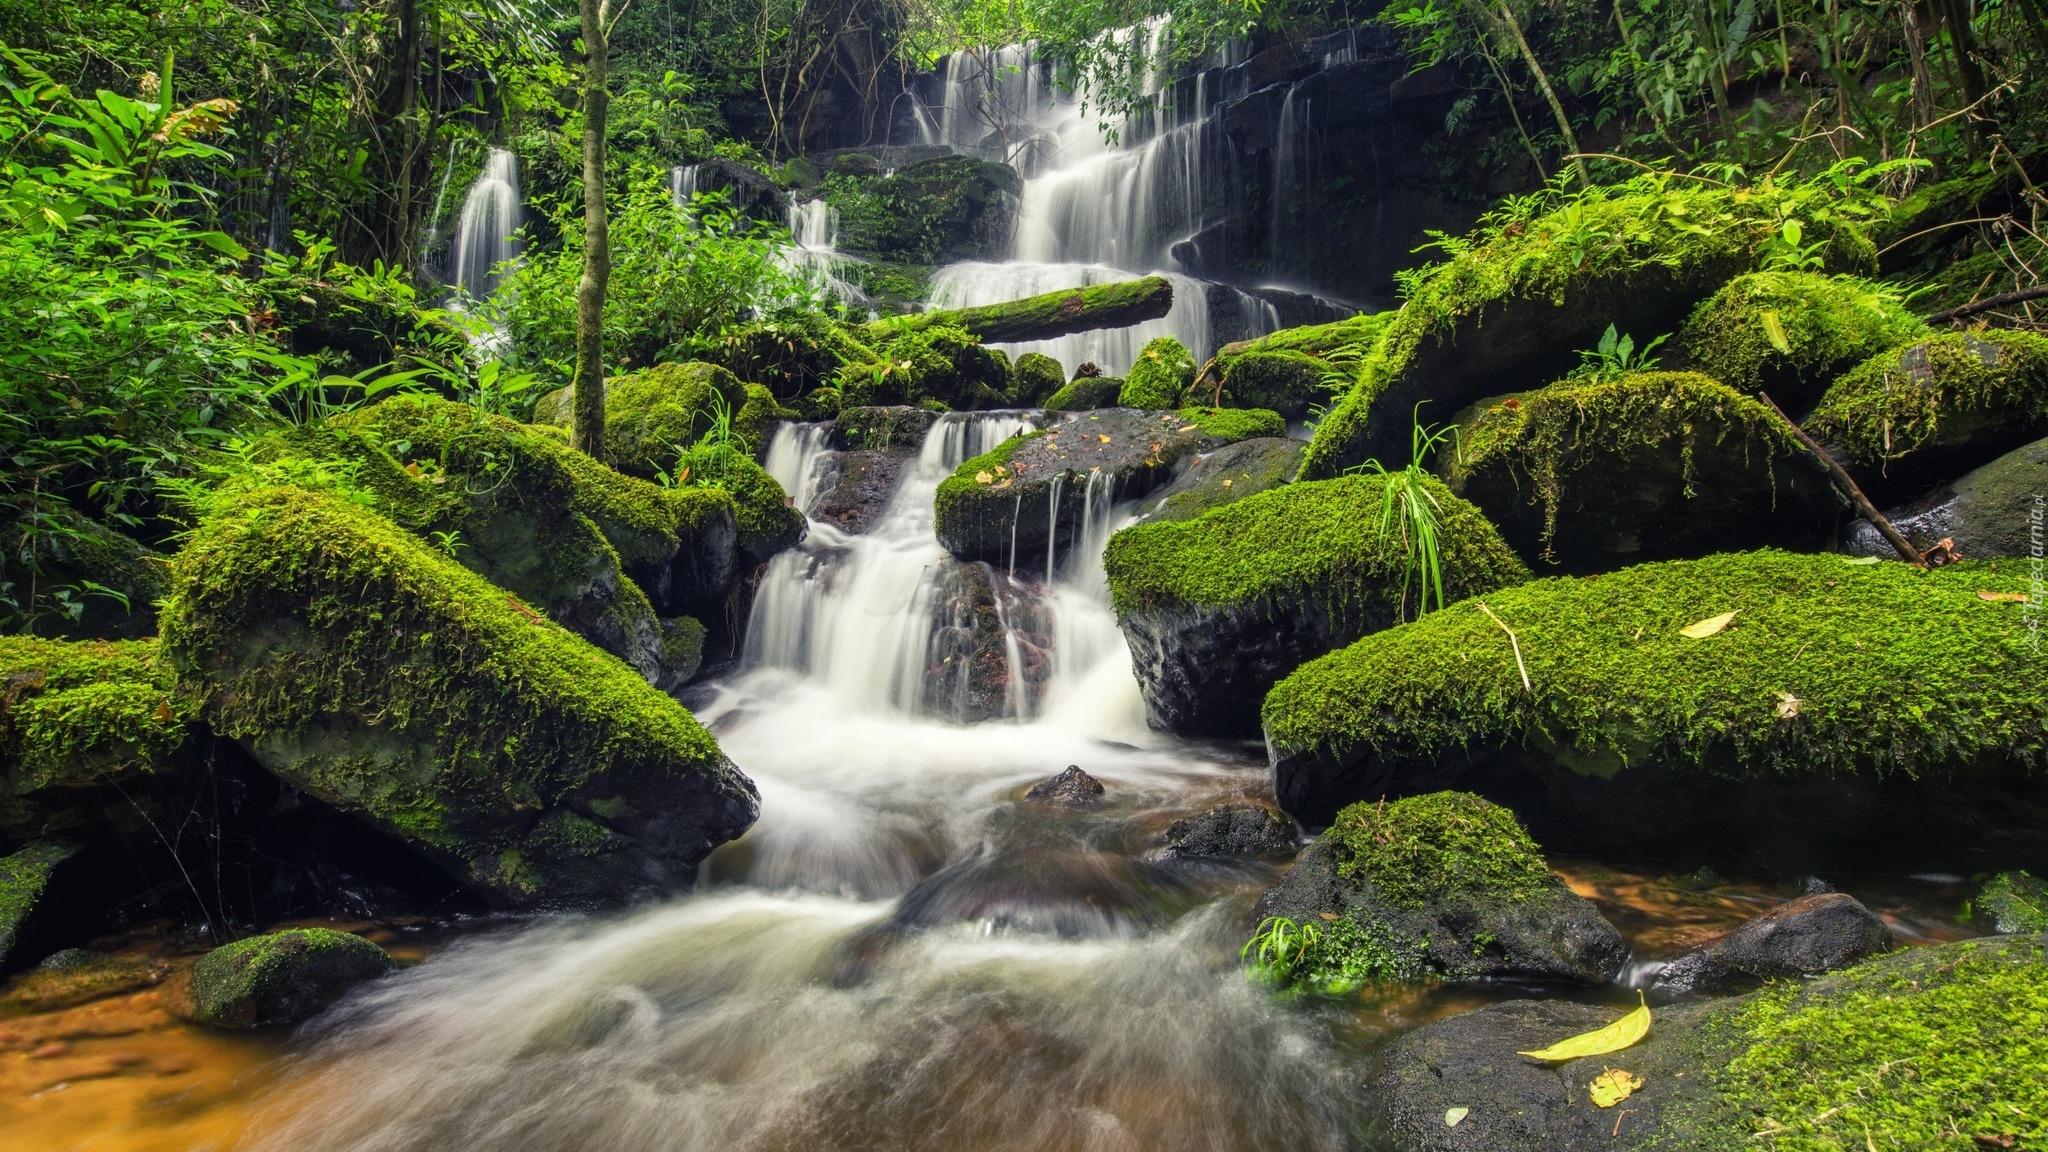 Omszałe Kamienie Przy Wodospadzie